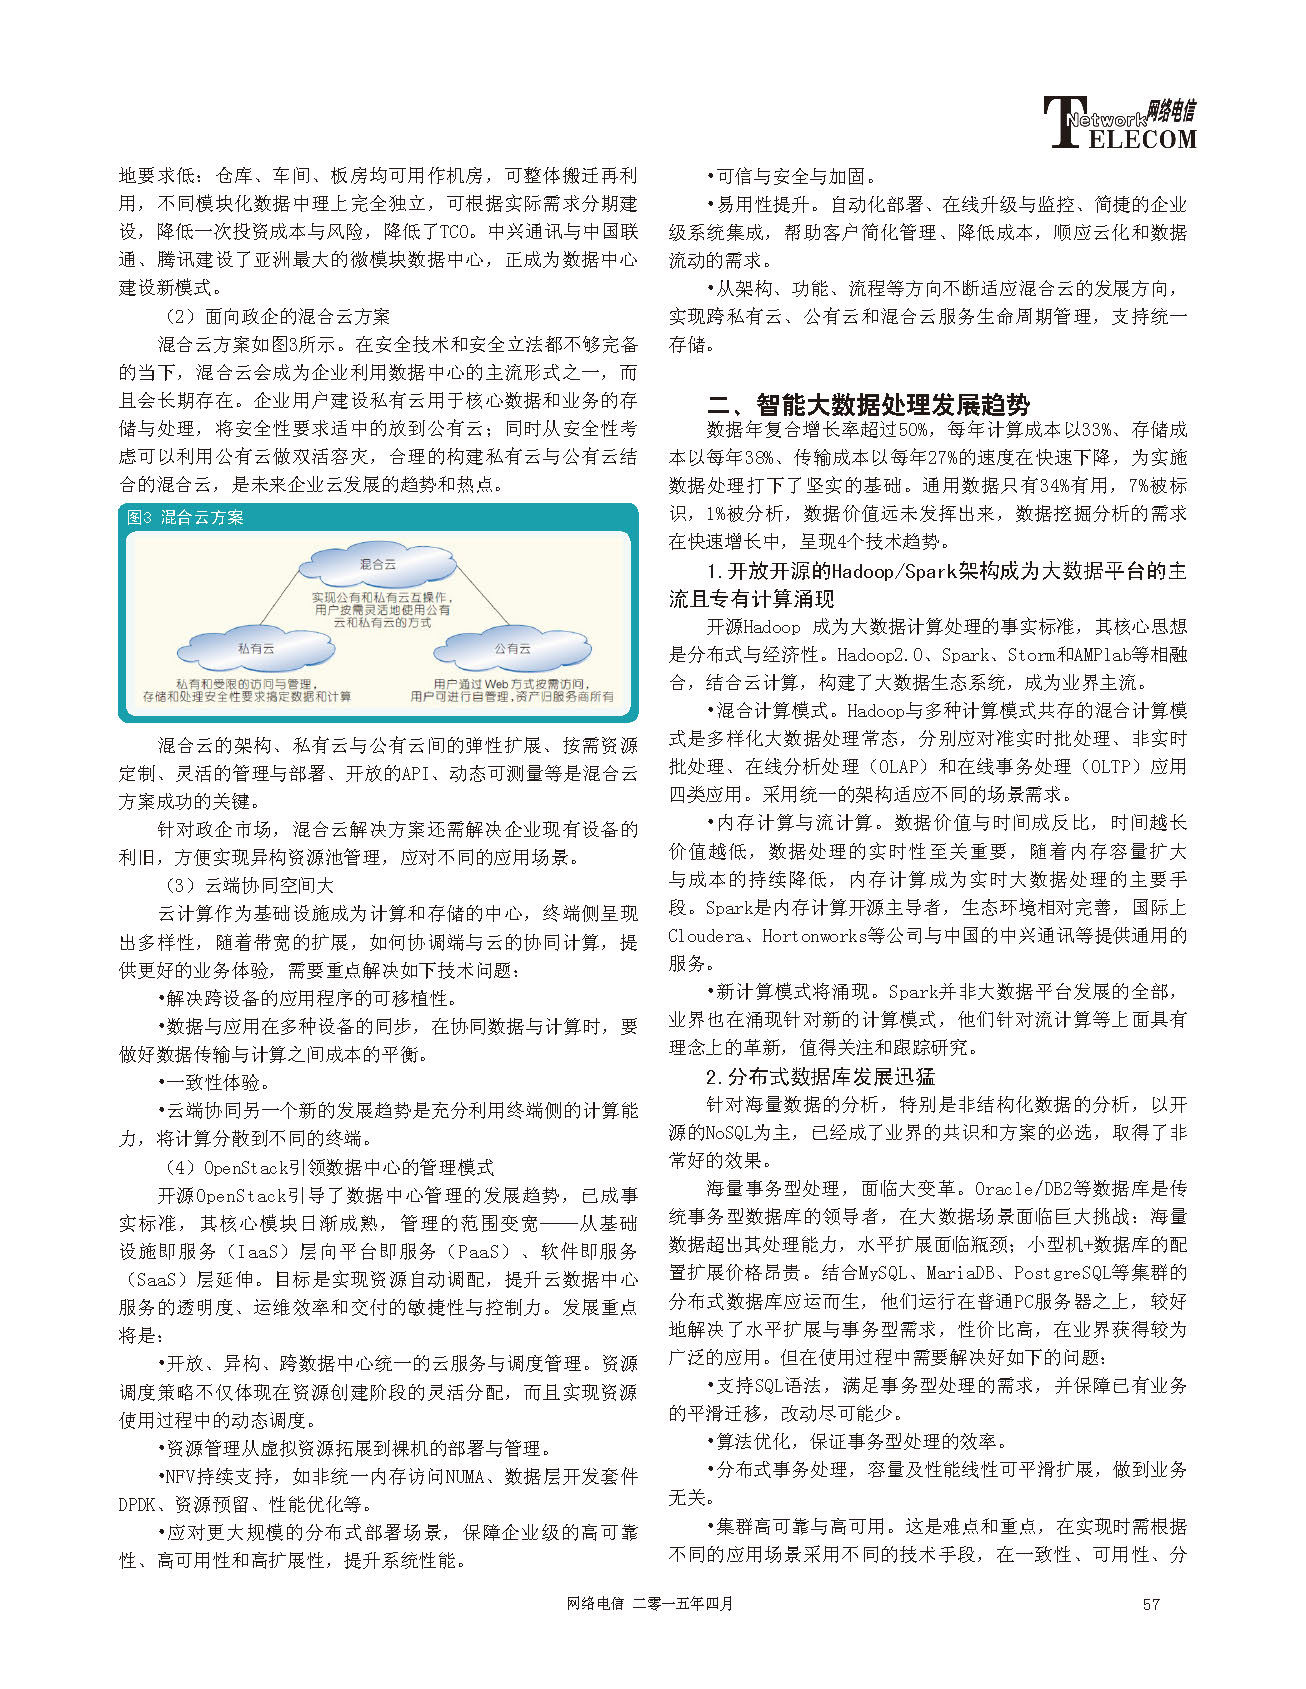 电信2015-04_页面_57.jpg